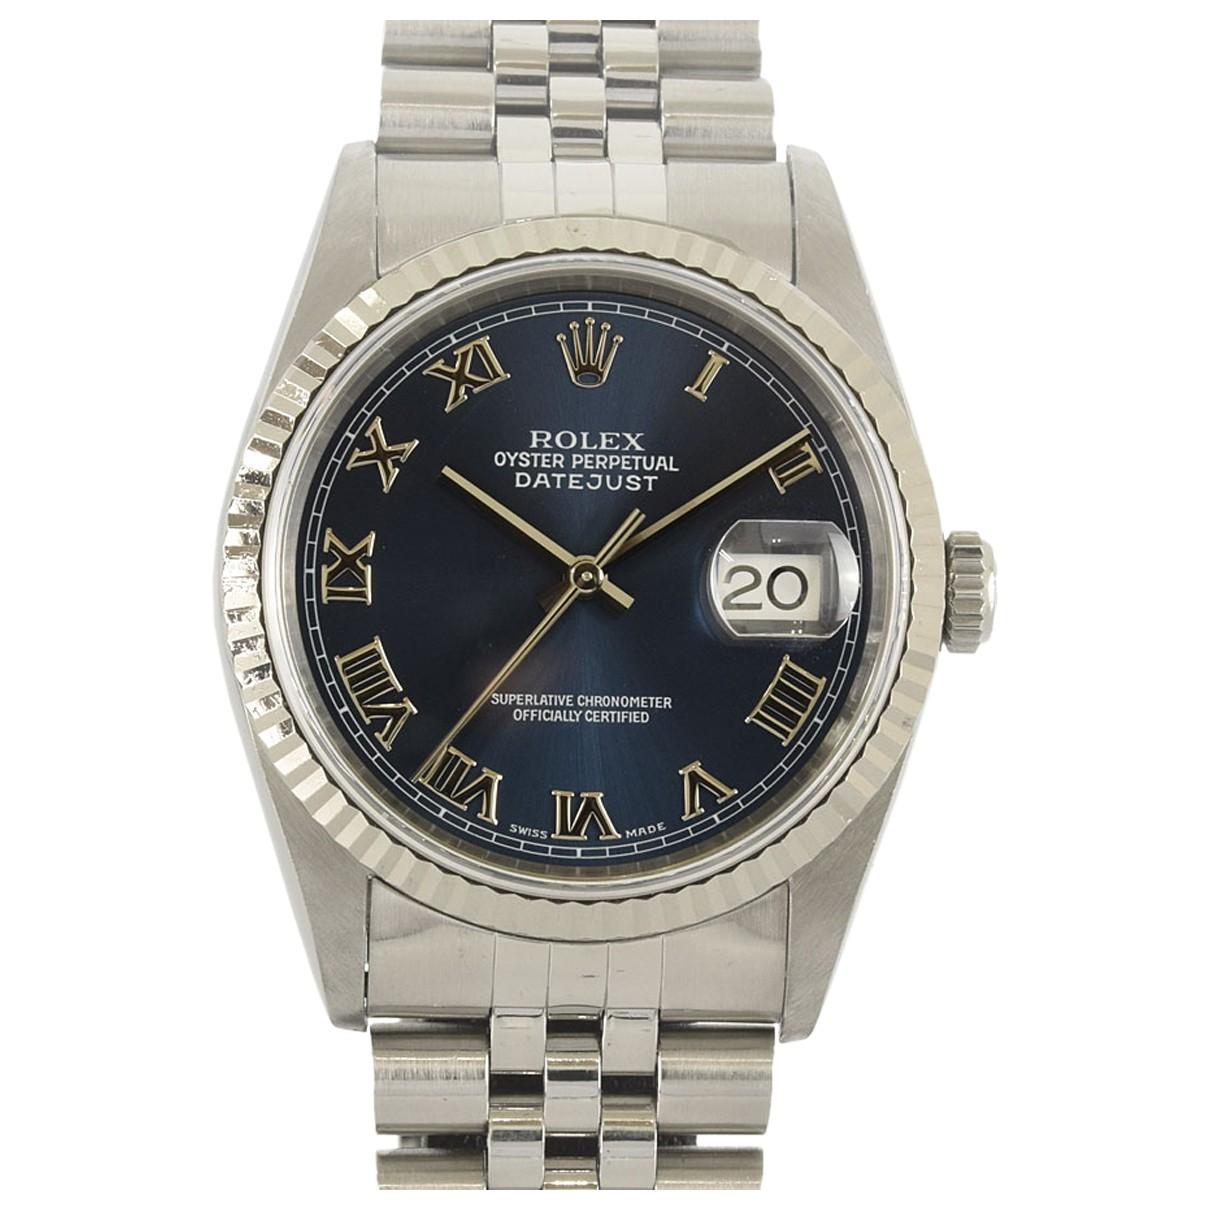 Rolex Datejust 31mm Uhr in  Blau Gold und Stahl